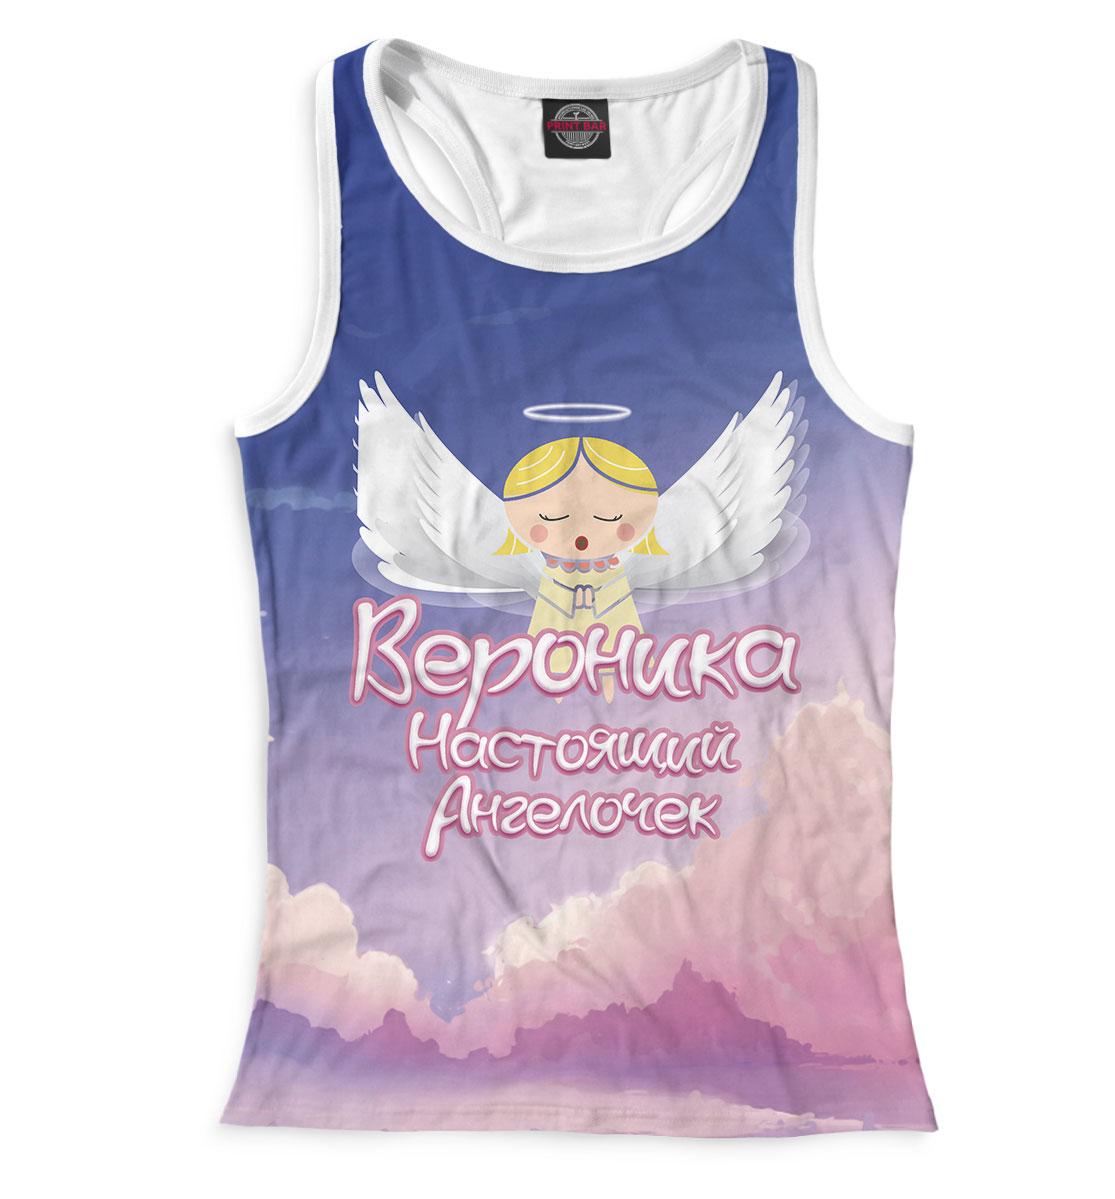 Купить Вероника — настоящий ангелочек, Printbar, Майки борцовки, VER-705241-mayb-1